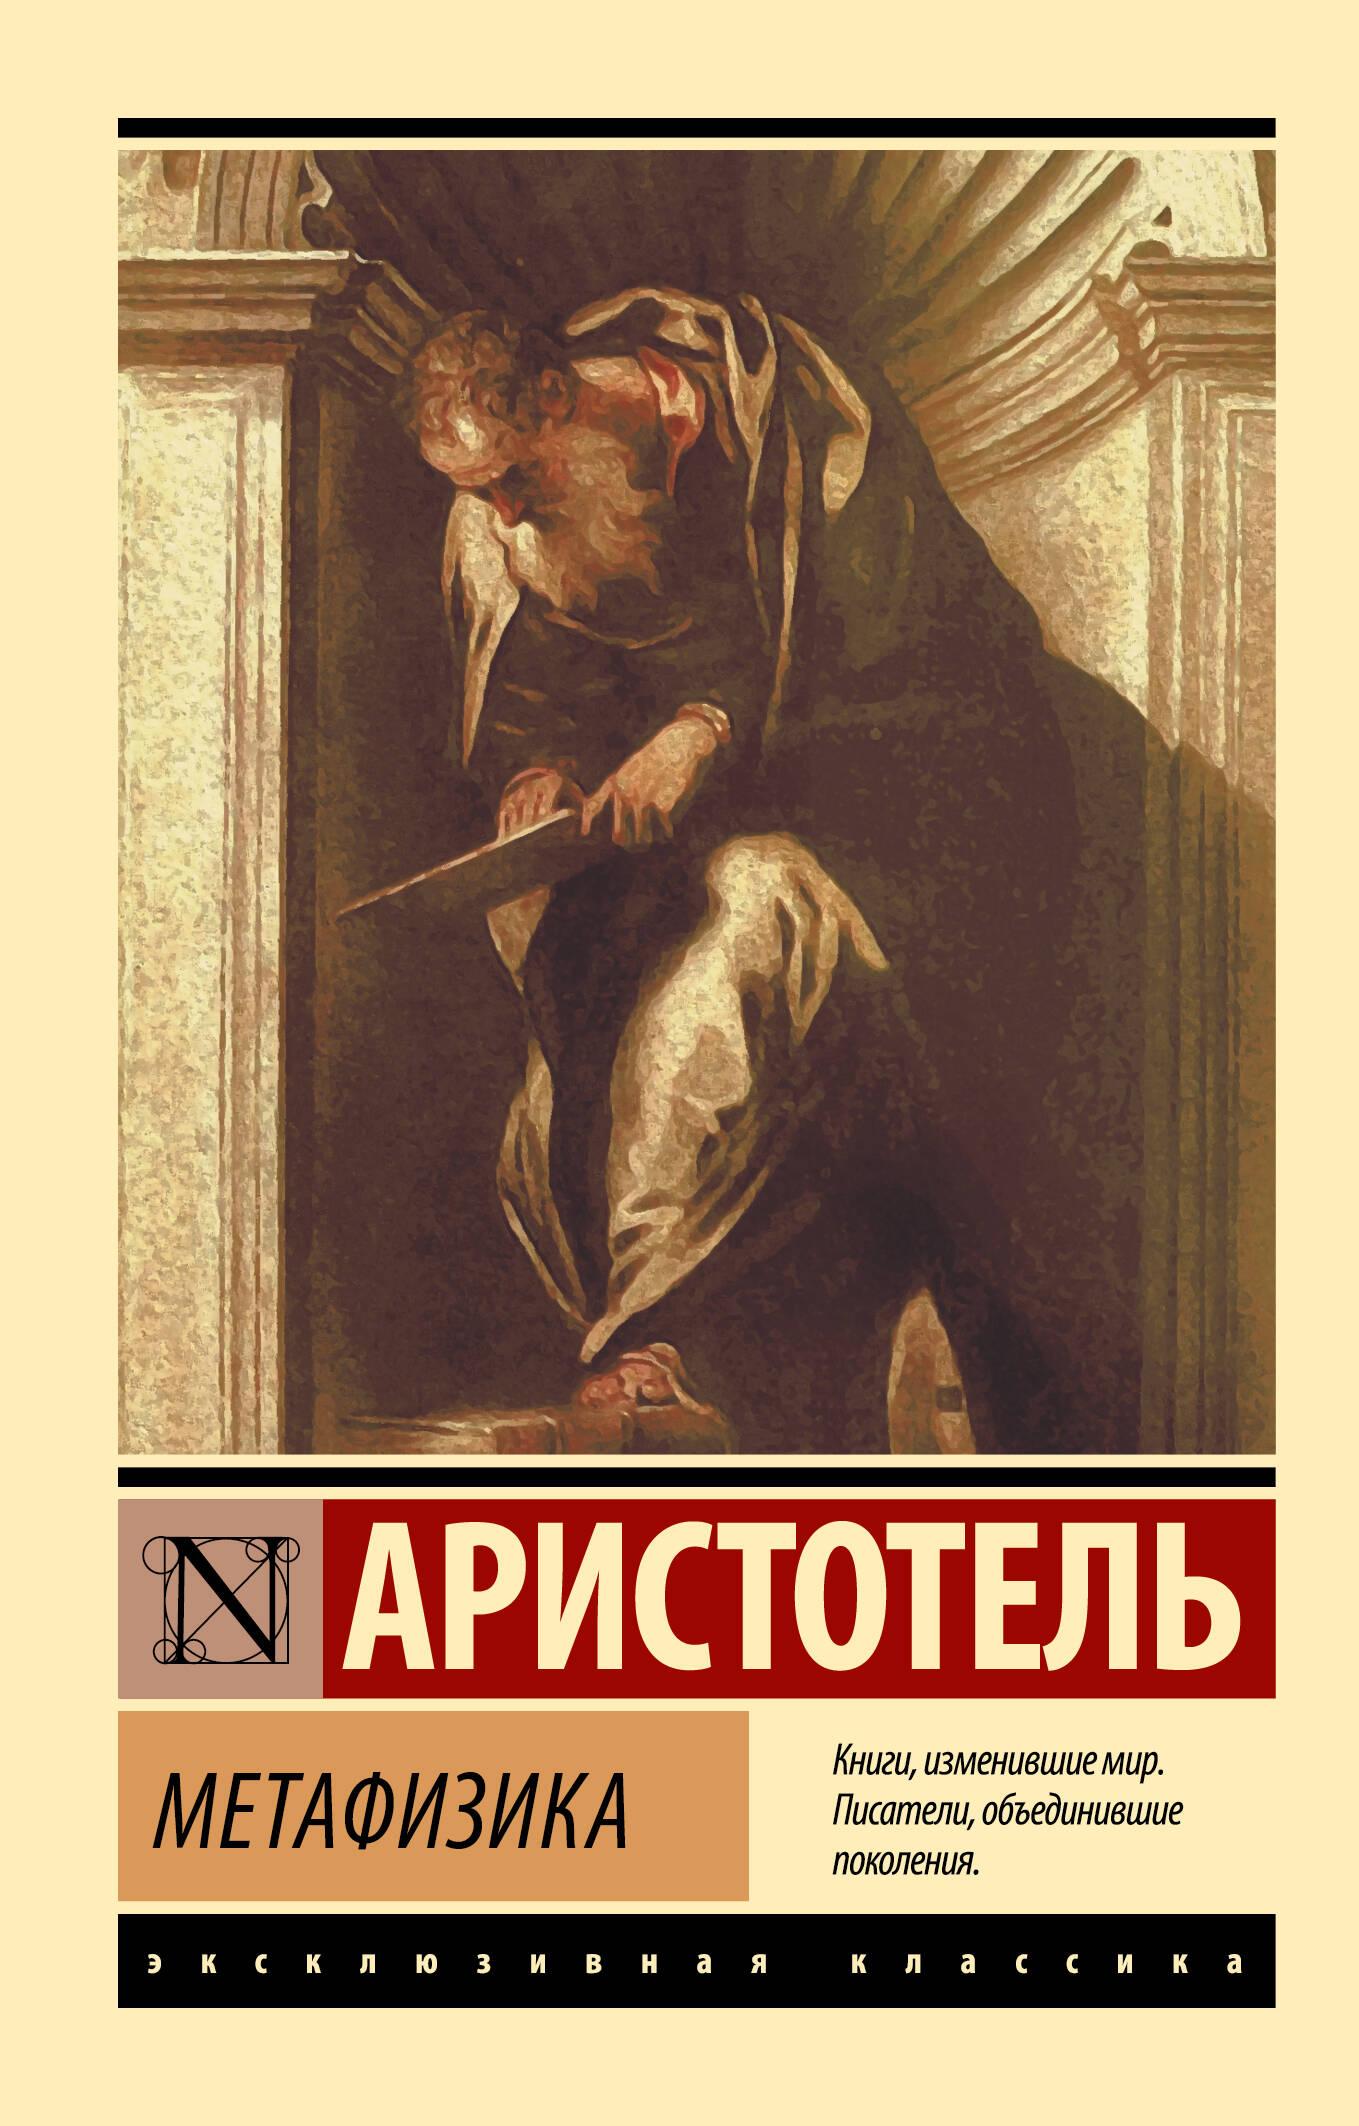 Аристотель Метафизика сборник статей метафизика век xxi альманах выпуск 4 метафизика и математика